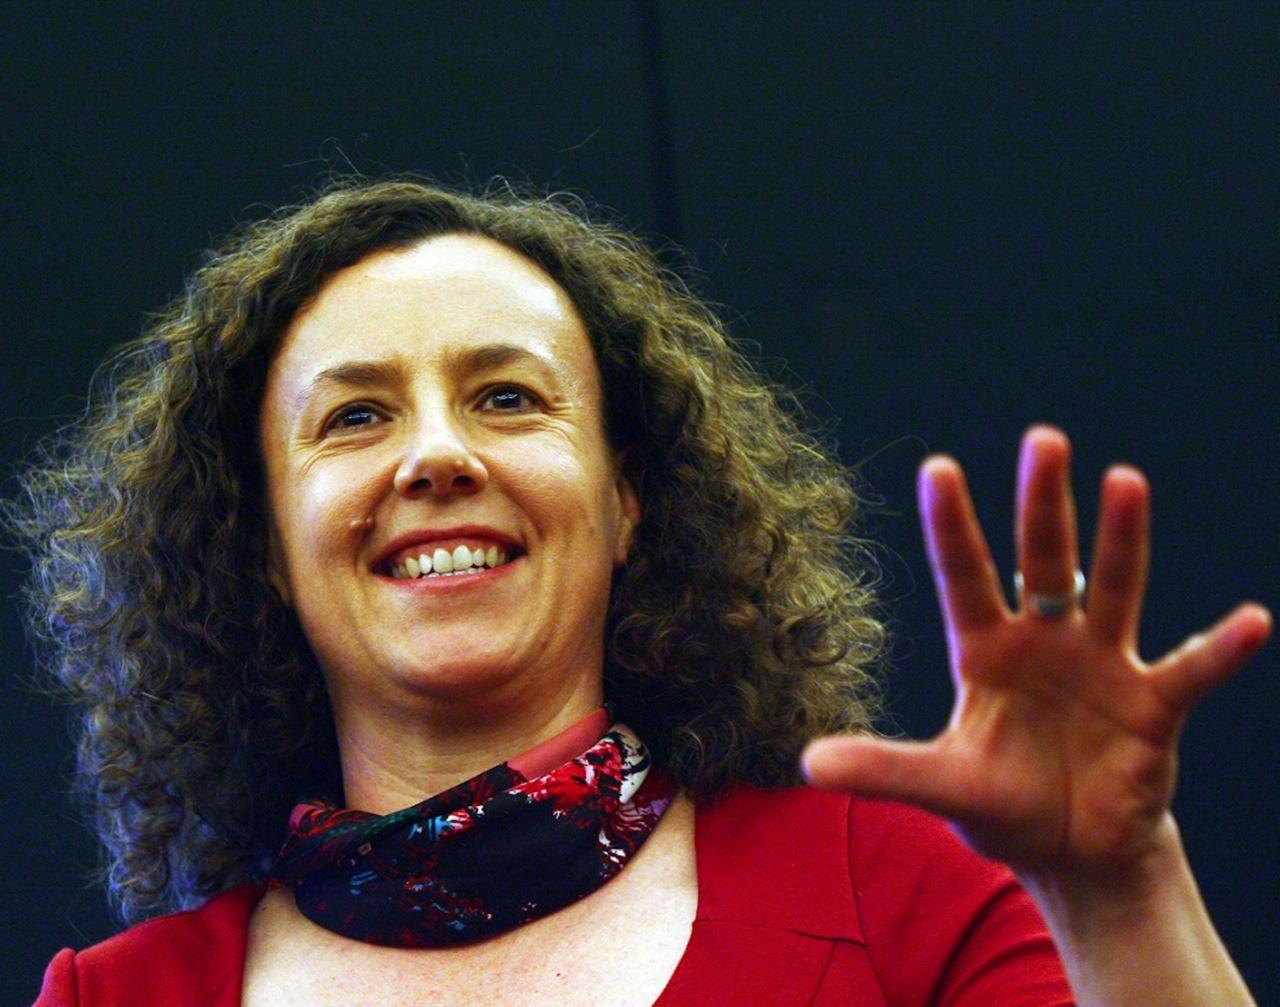 Debi-O'Donovan-2012 305x240